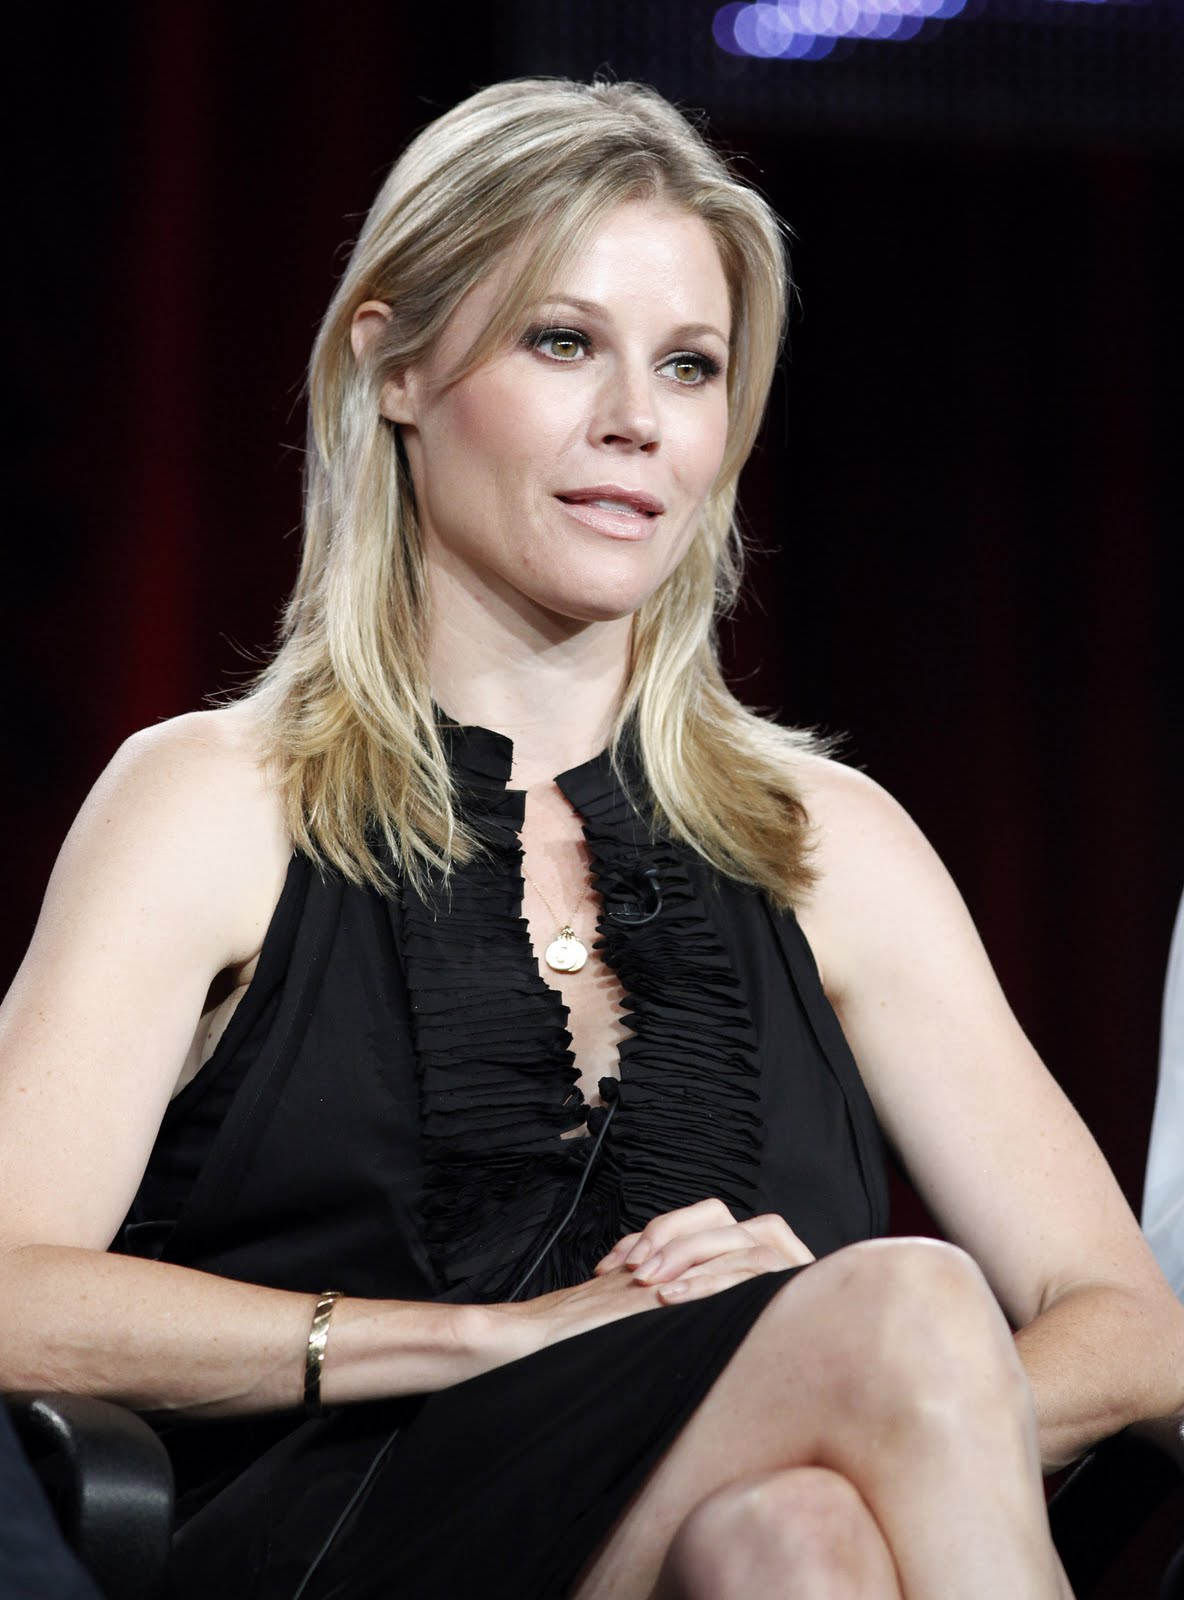 Claire Celebrity Julie Bowen-4392